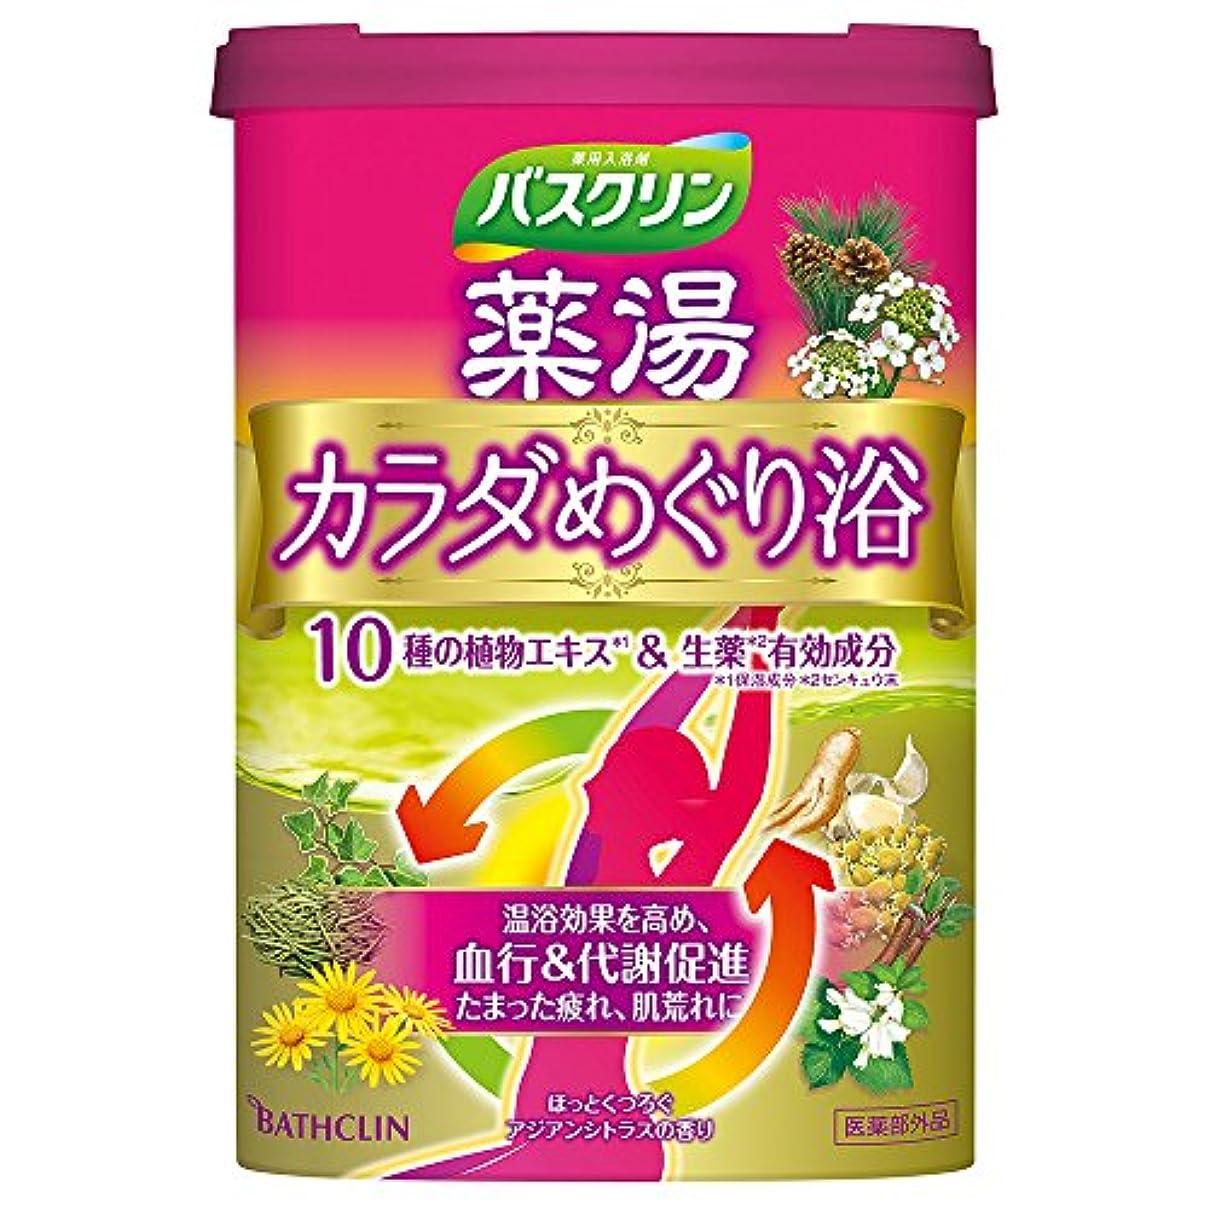 ぺディカブタンパク質鹿バスクリン薬湯 カラダめぐり浴 ほっとくつろぐアジアンシトラスの香り 600g 入浴剤 (医薬部外品)